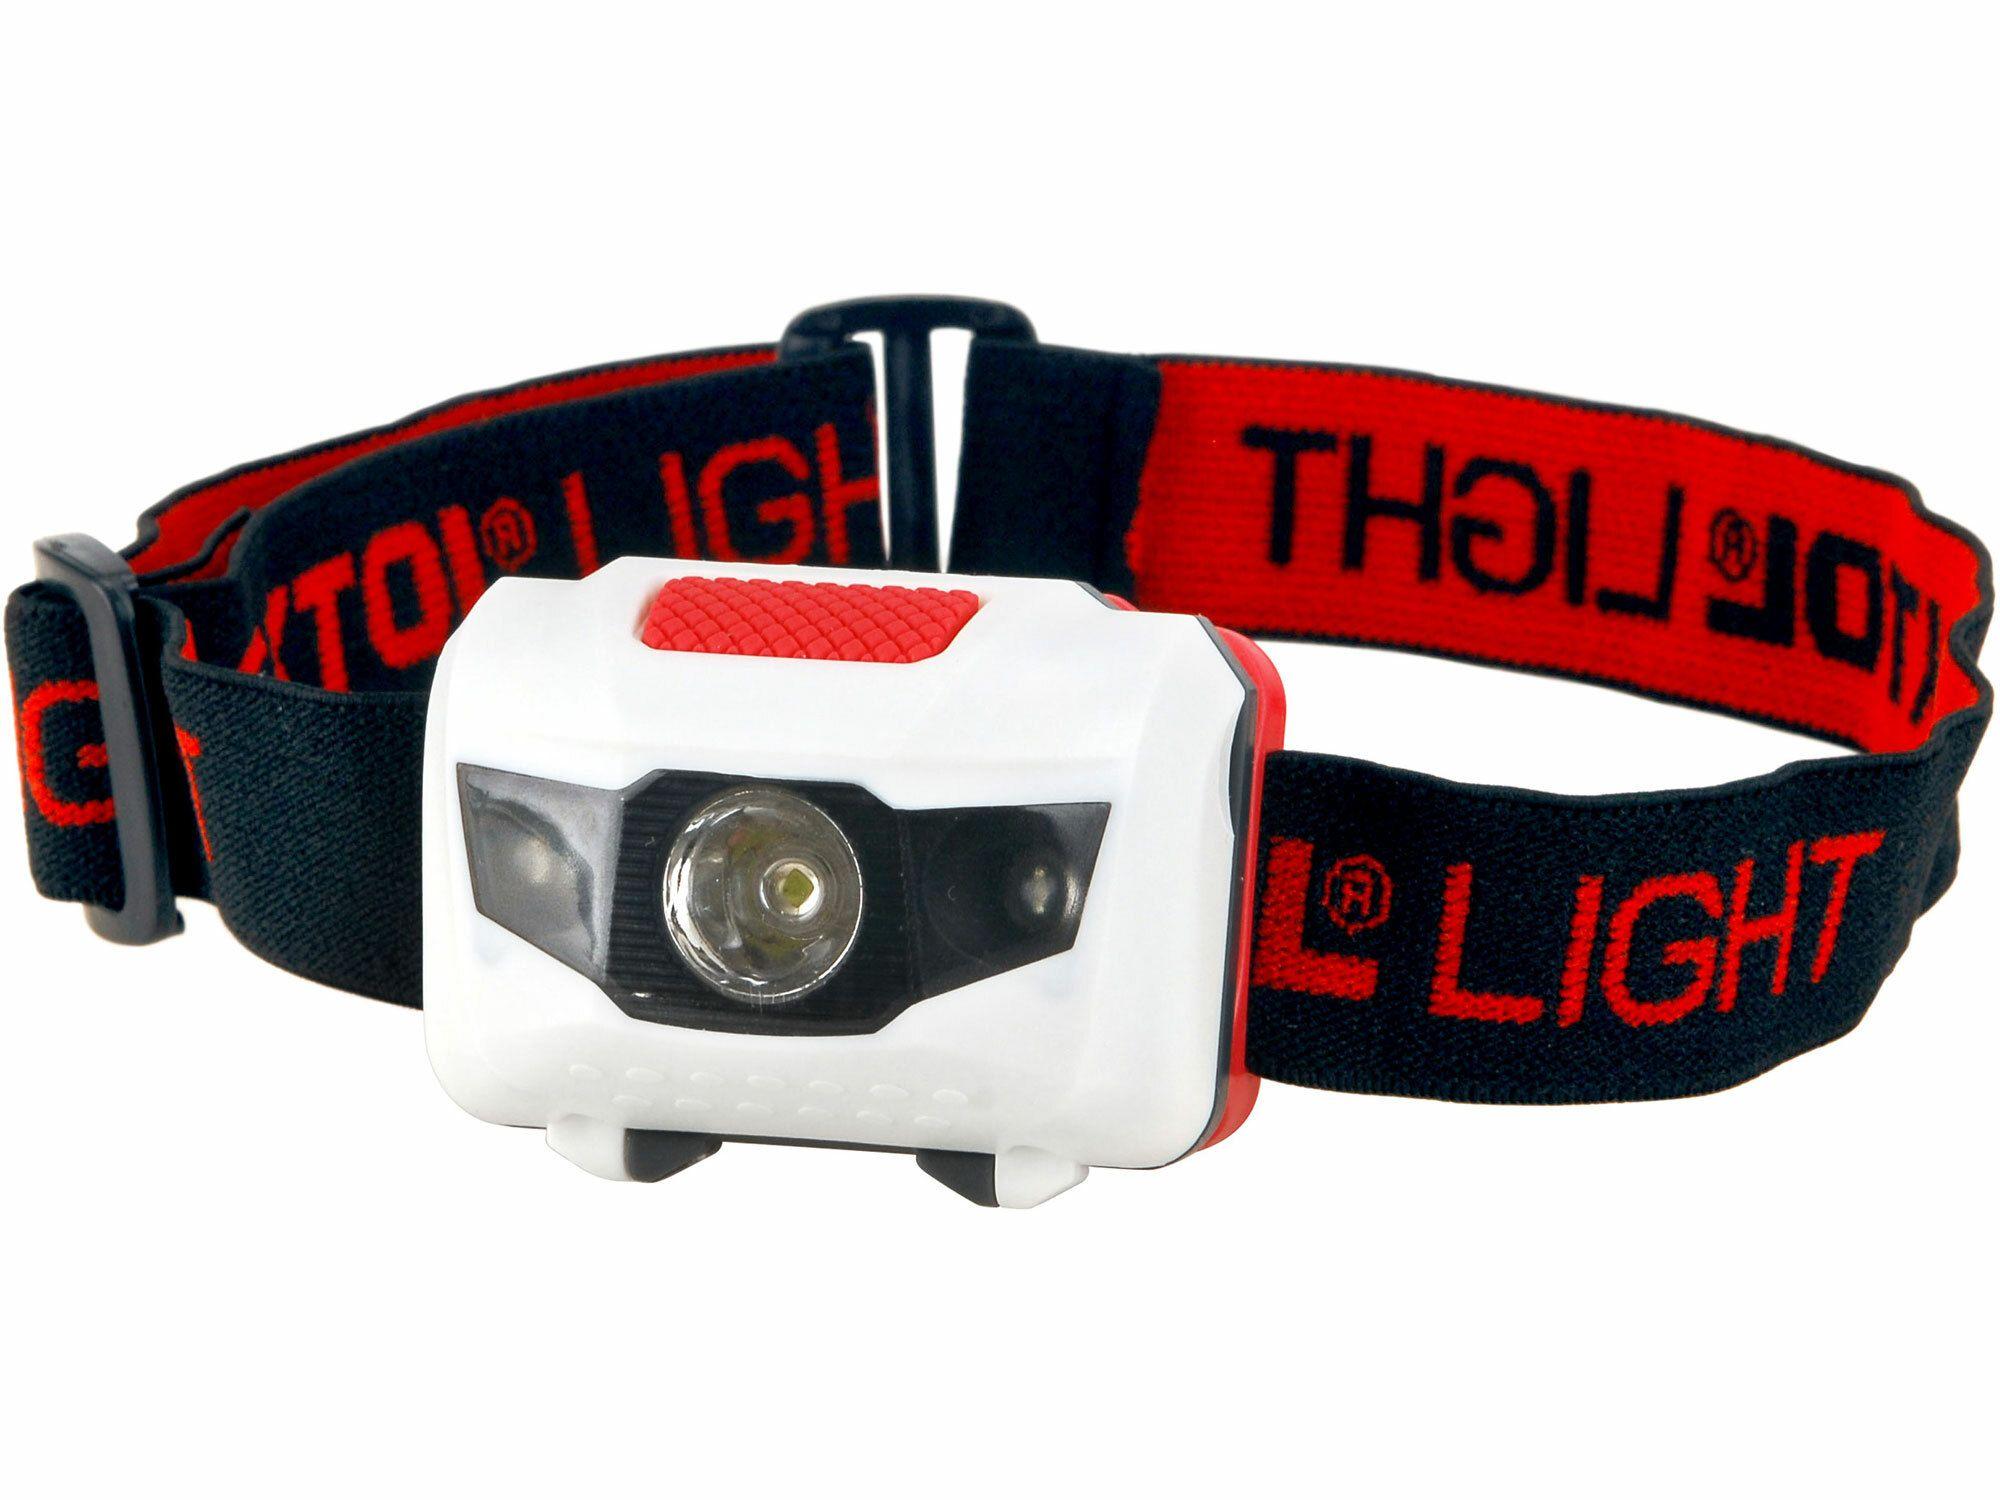 Čelovka 1W + 2LED, 4módy světla: 100%, 50%, červené LED, červ. LED blikání EXTOL-LIGHT